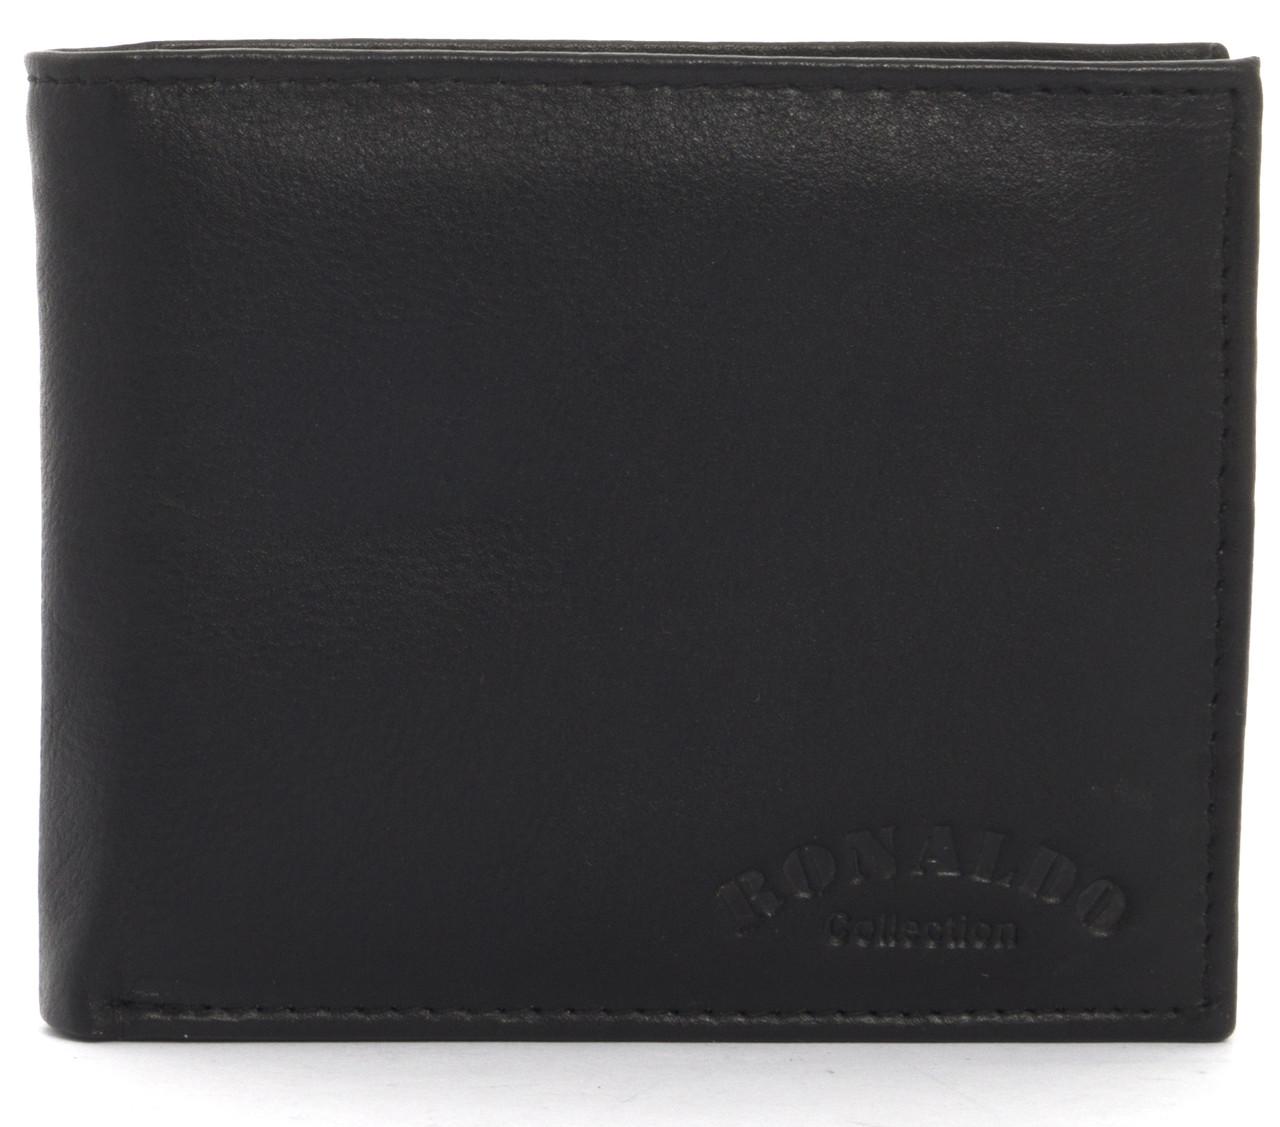 Кошелек мужской кожаный с большим количеством отделений RONALDO art. 0670-D черный